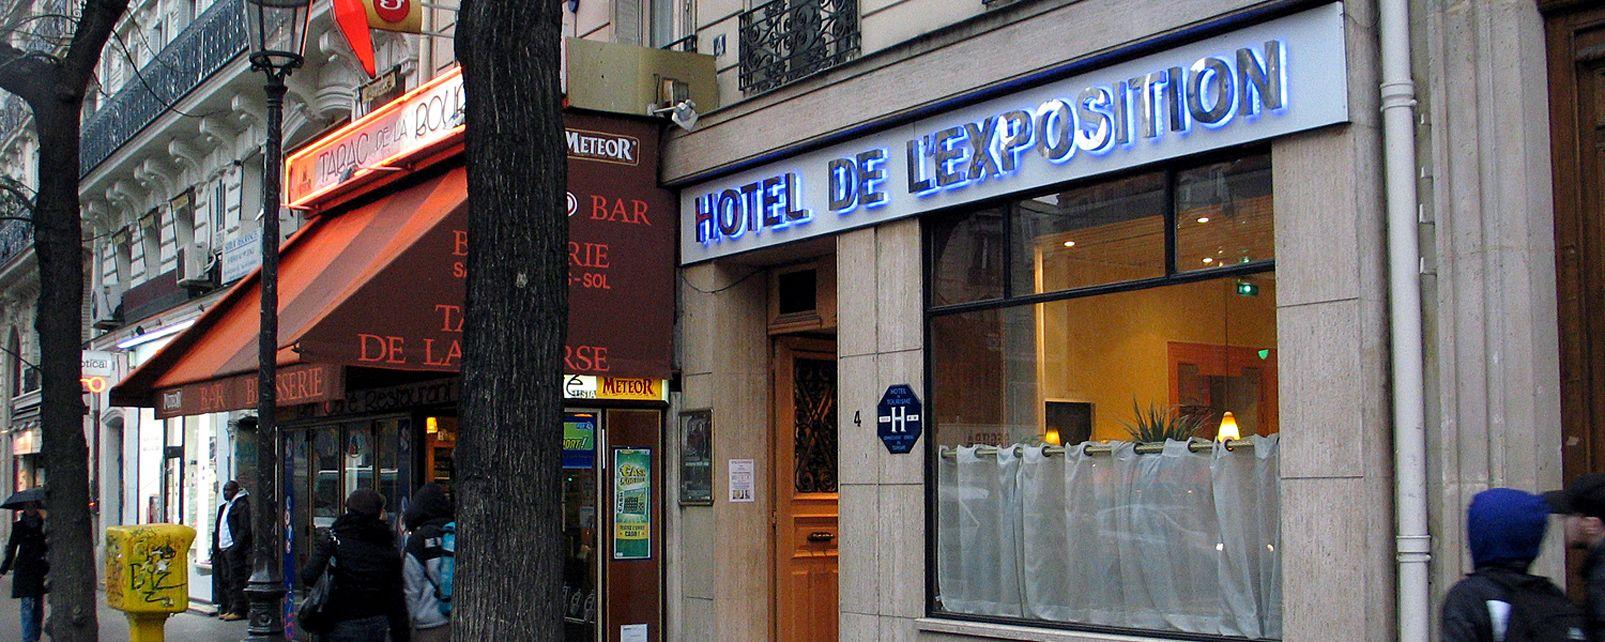 Hotel De L'Exposition Hotel Paris